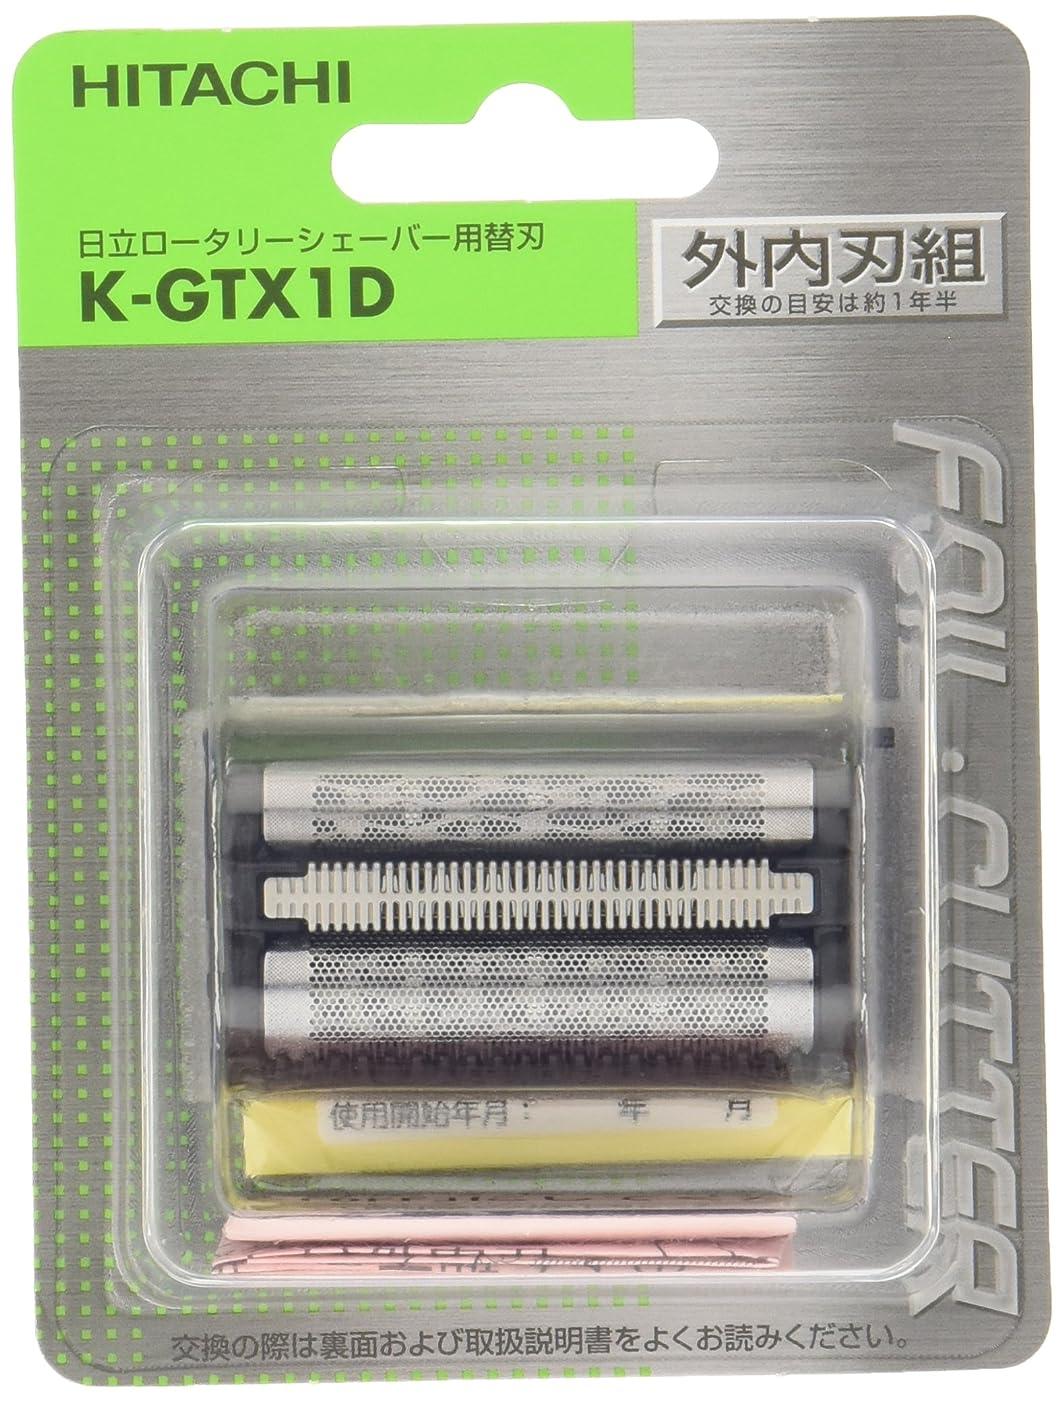 フォージ洗練されたシニス日立 メンズシェーバー替刃(外刃?内刃) K-GTX1D